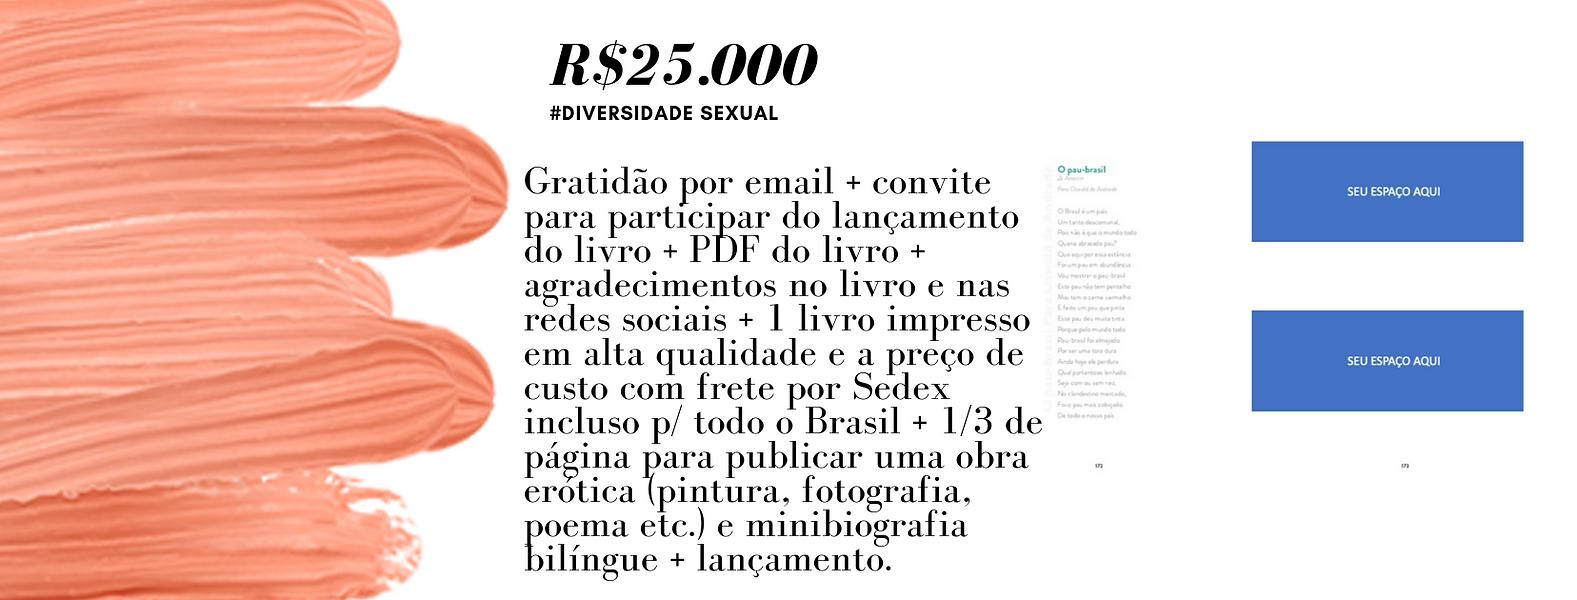 RECOMPENSA R$25.000